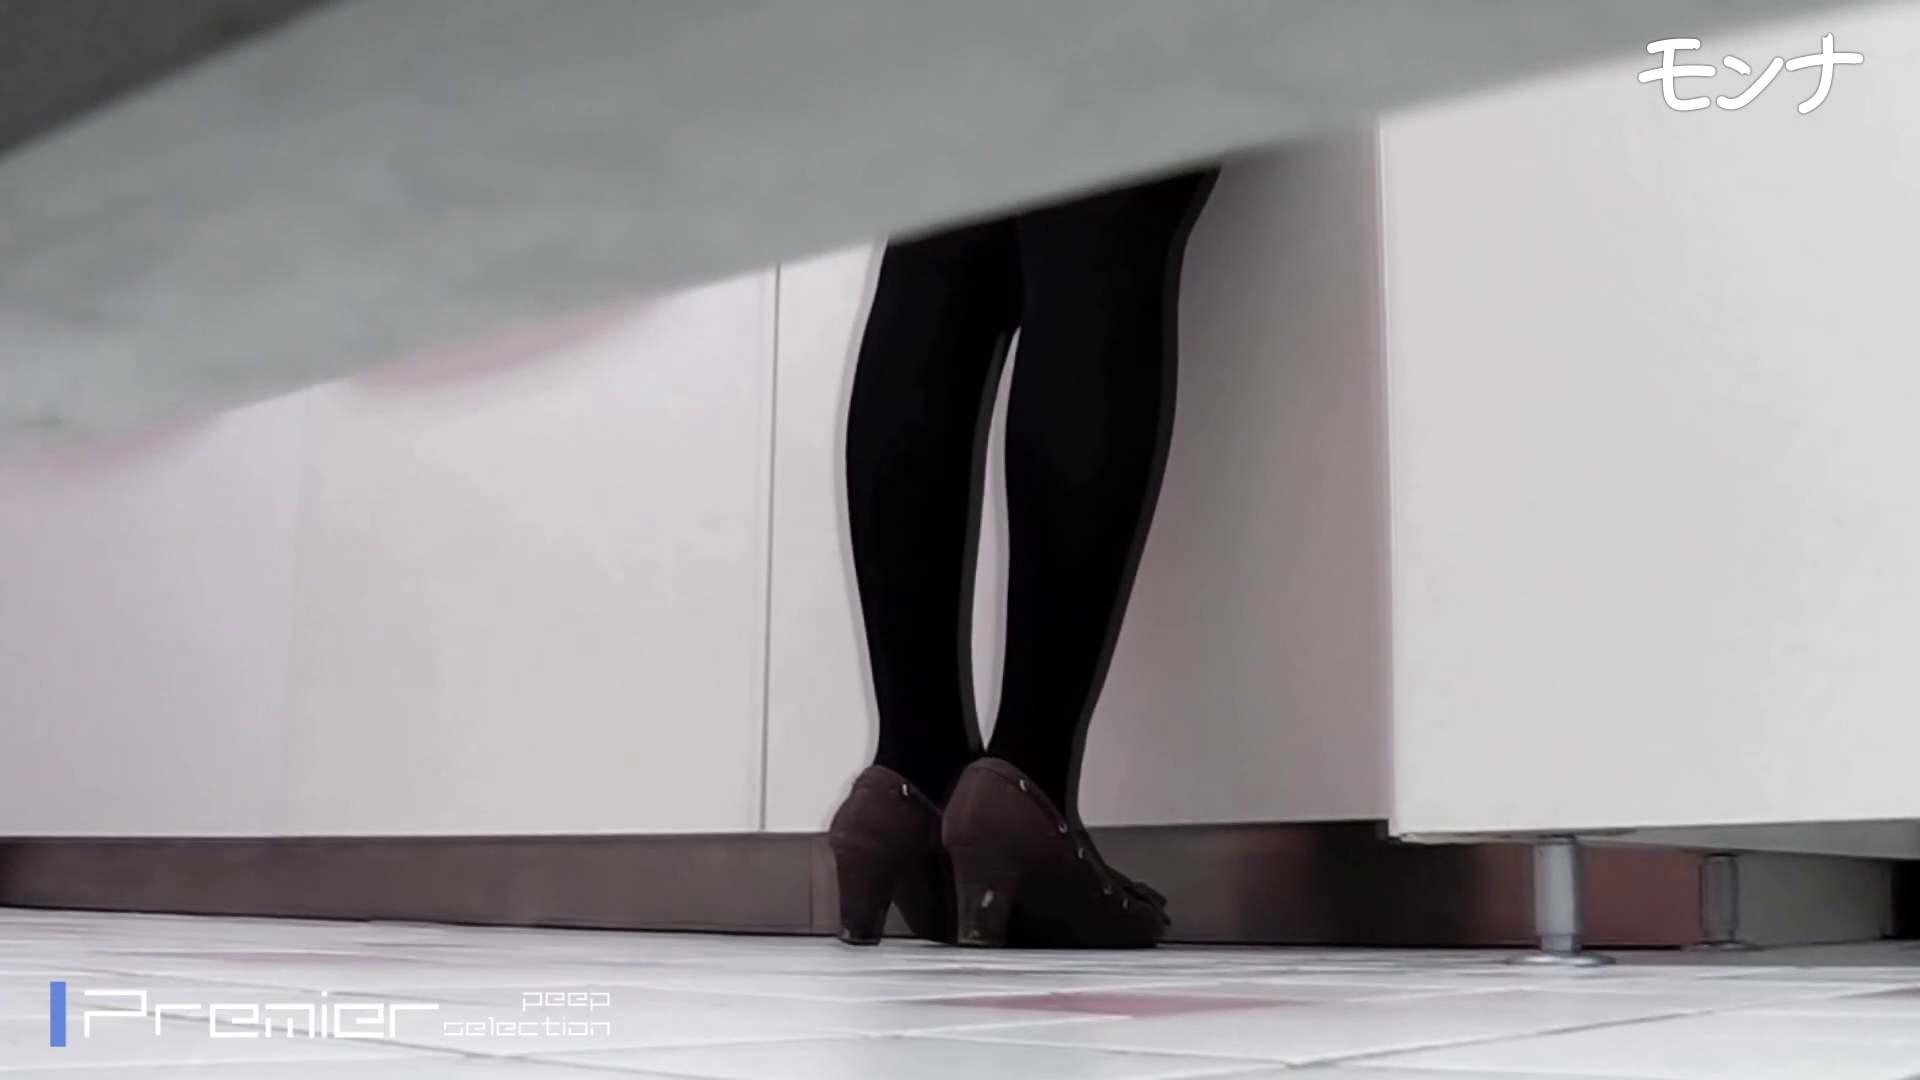 CM 悶絶シリーズ5 【美しい日本の未来 No.128】 おまんこ無修正 | ギャル・コレクション  48連発 12